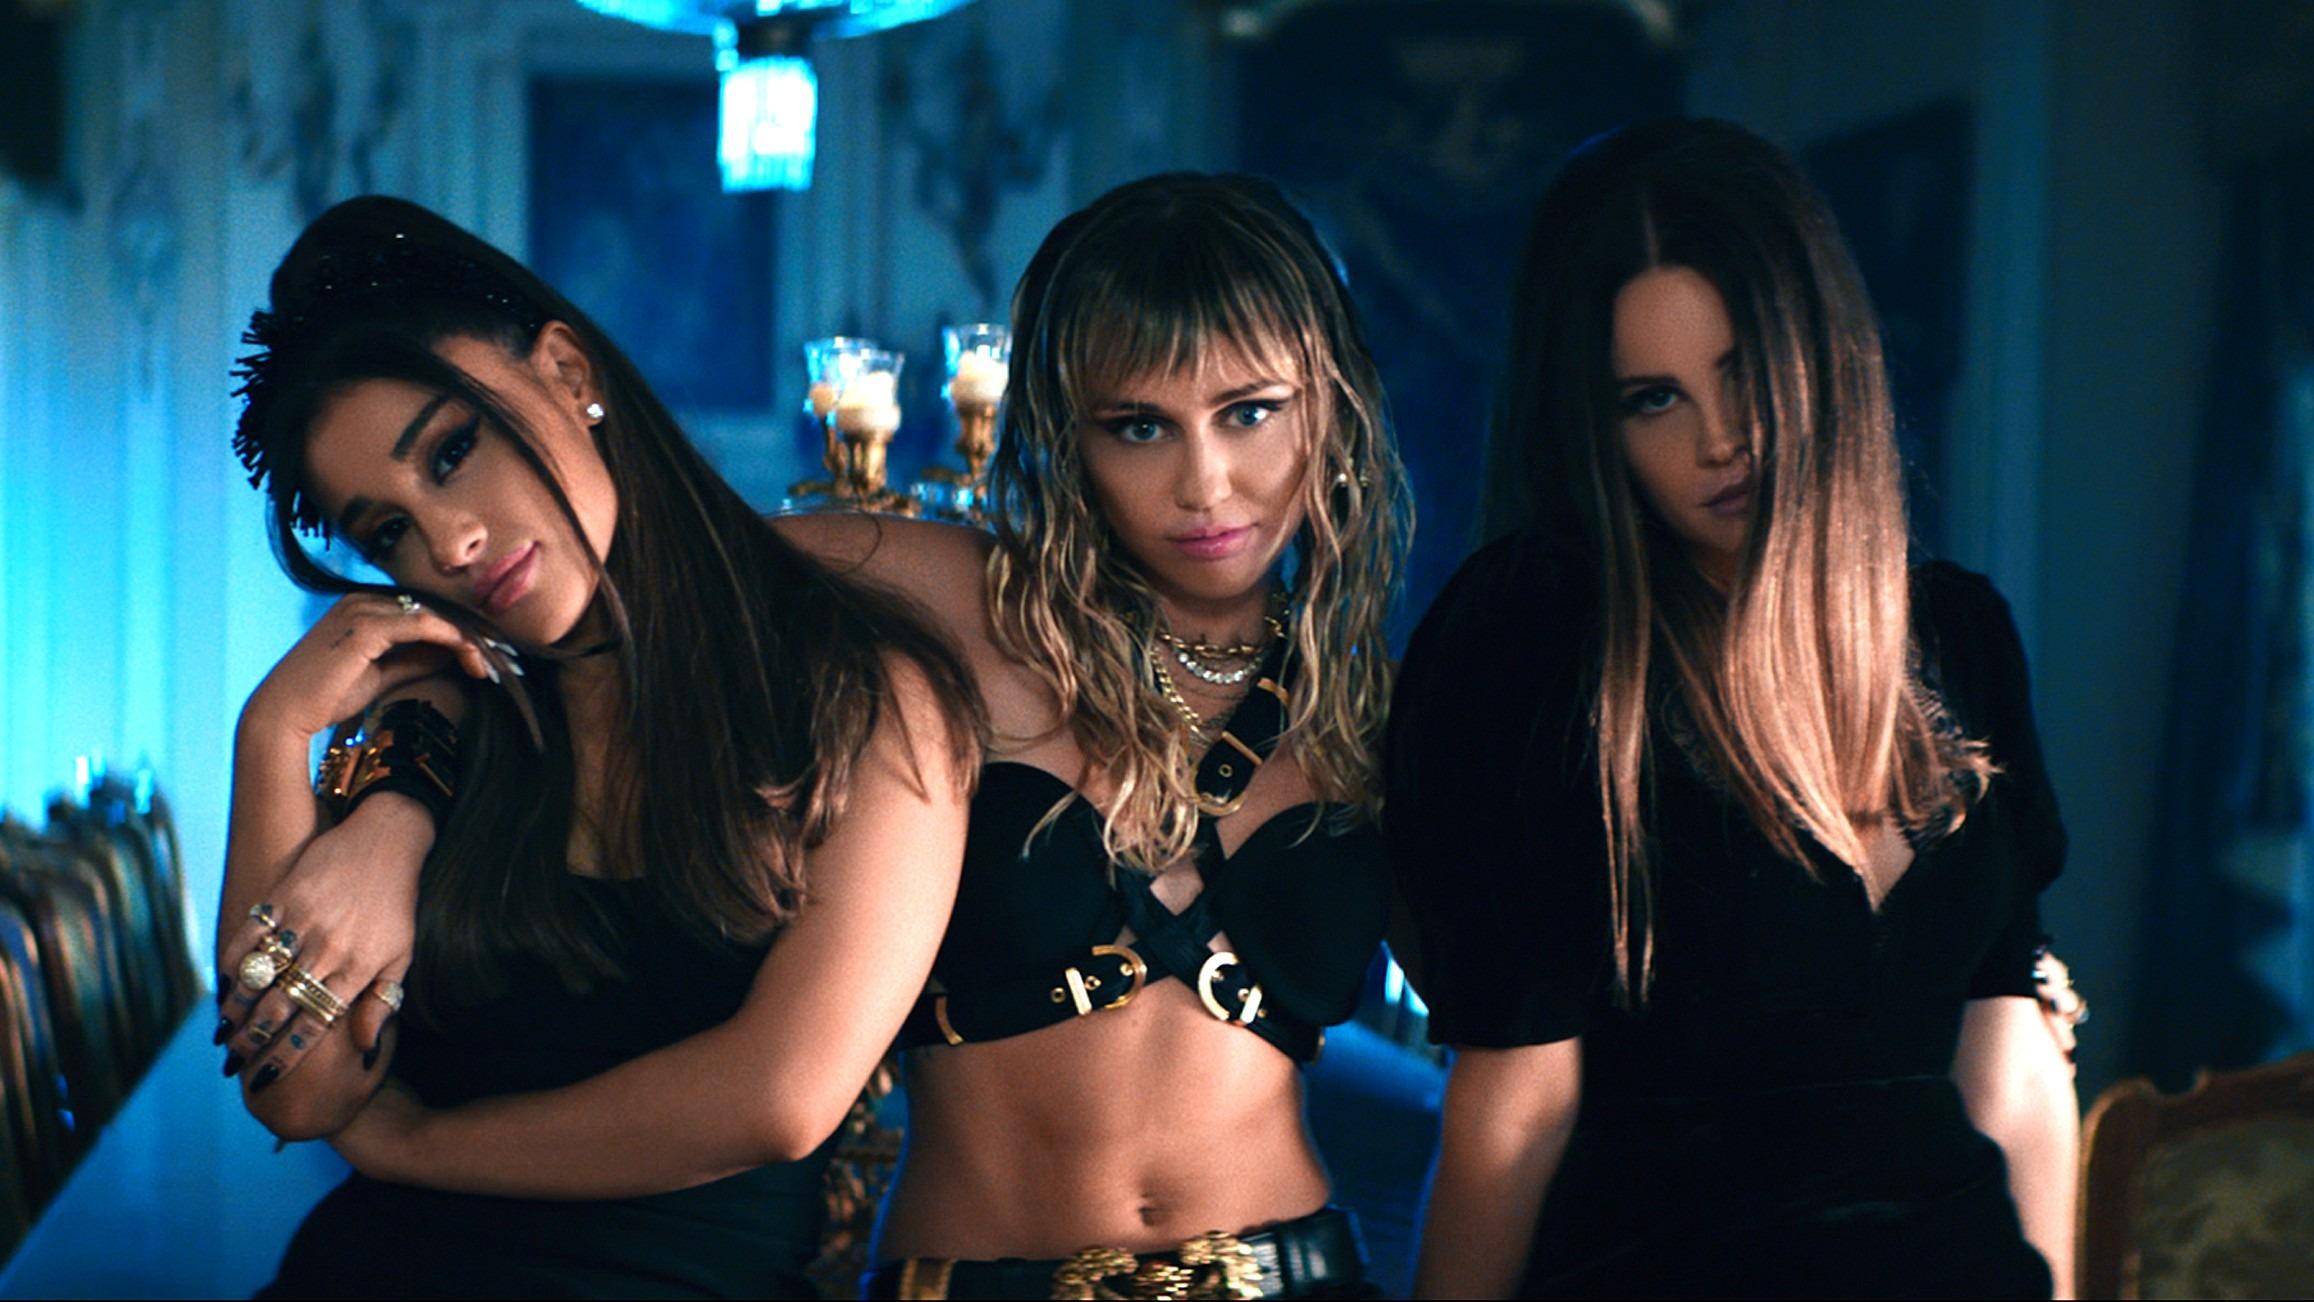 """Lana Del Rey, Ariana Grande y Miley Cyrus se convierten en ángeles en el nuevo video para """"Don't Call Me Angel"""""""